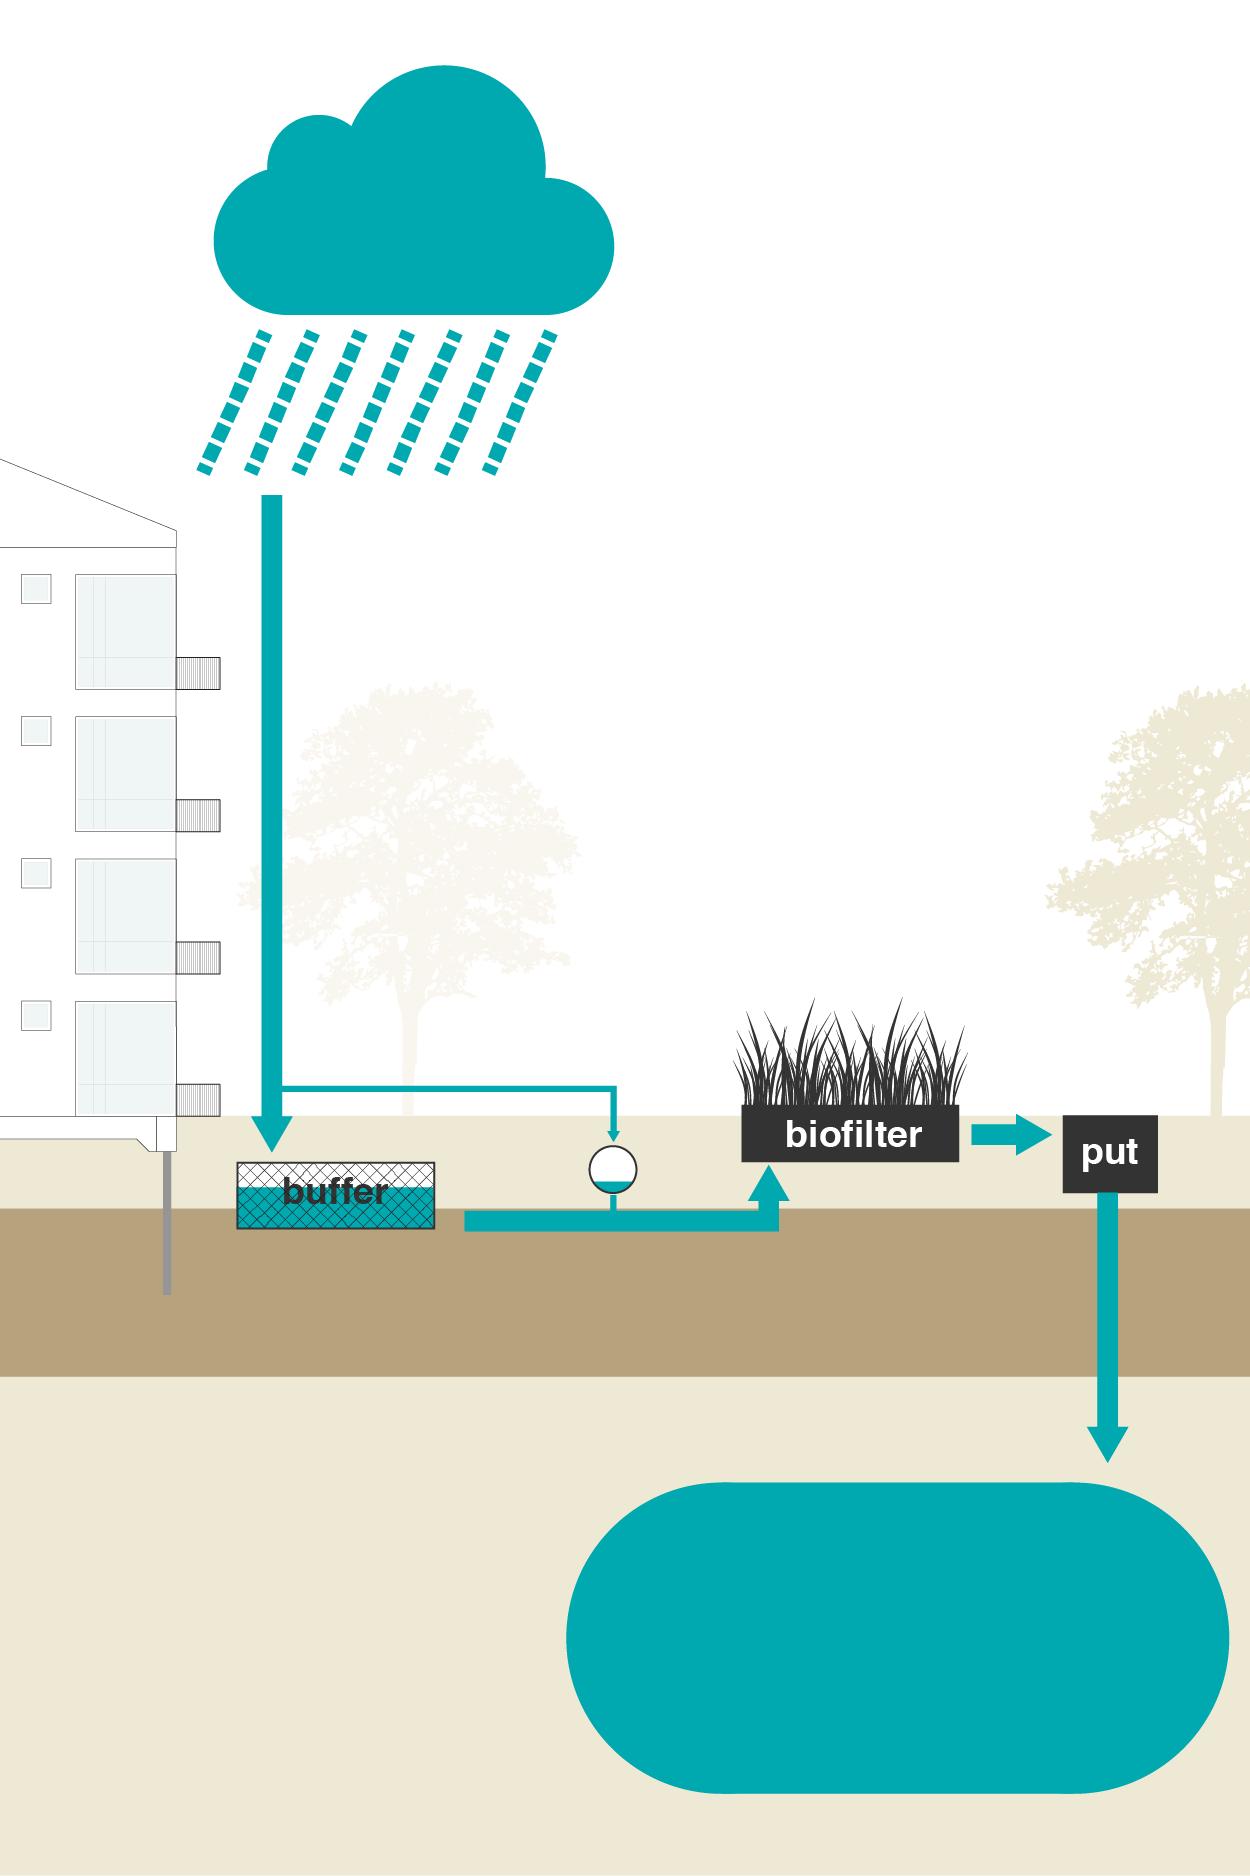 Voorkomen van wateroverlast - Systeemcomponenten: biofilter & installaties.De grond in stedelijk gebied is vaak niet goed doorlatend, waardoor regenwater niet goed kan infiltreren.Aangezien de beschikbare ruimte in de stad vaak beperkt is, gebruikt Bluebloqs de ondergrond om regenwater naar af te voeren. Zo wordt een continue debiet gegarandeerd en wateroverlast door piekbuien voorkomen.Bluebloqs is geschikt om toegepast te waar een gescheiden riolering kostbaar is en/of extra afvoercapaciteit nodig is.